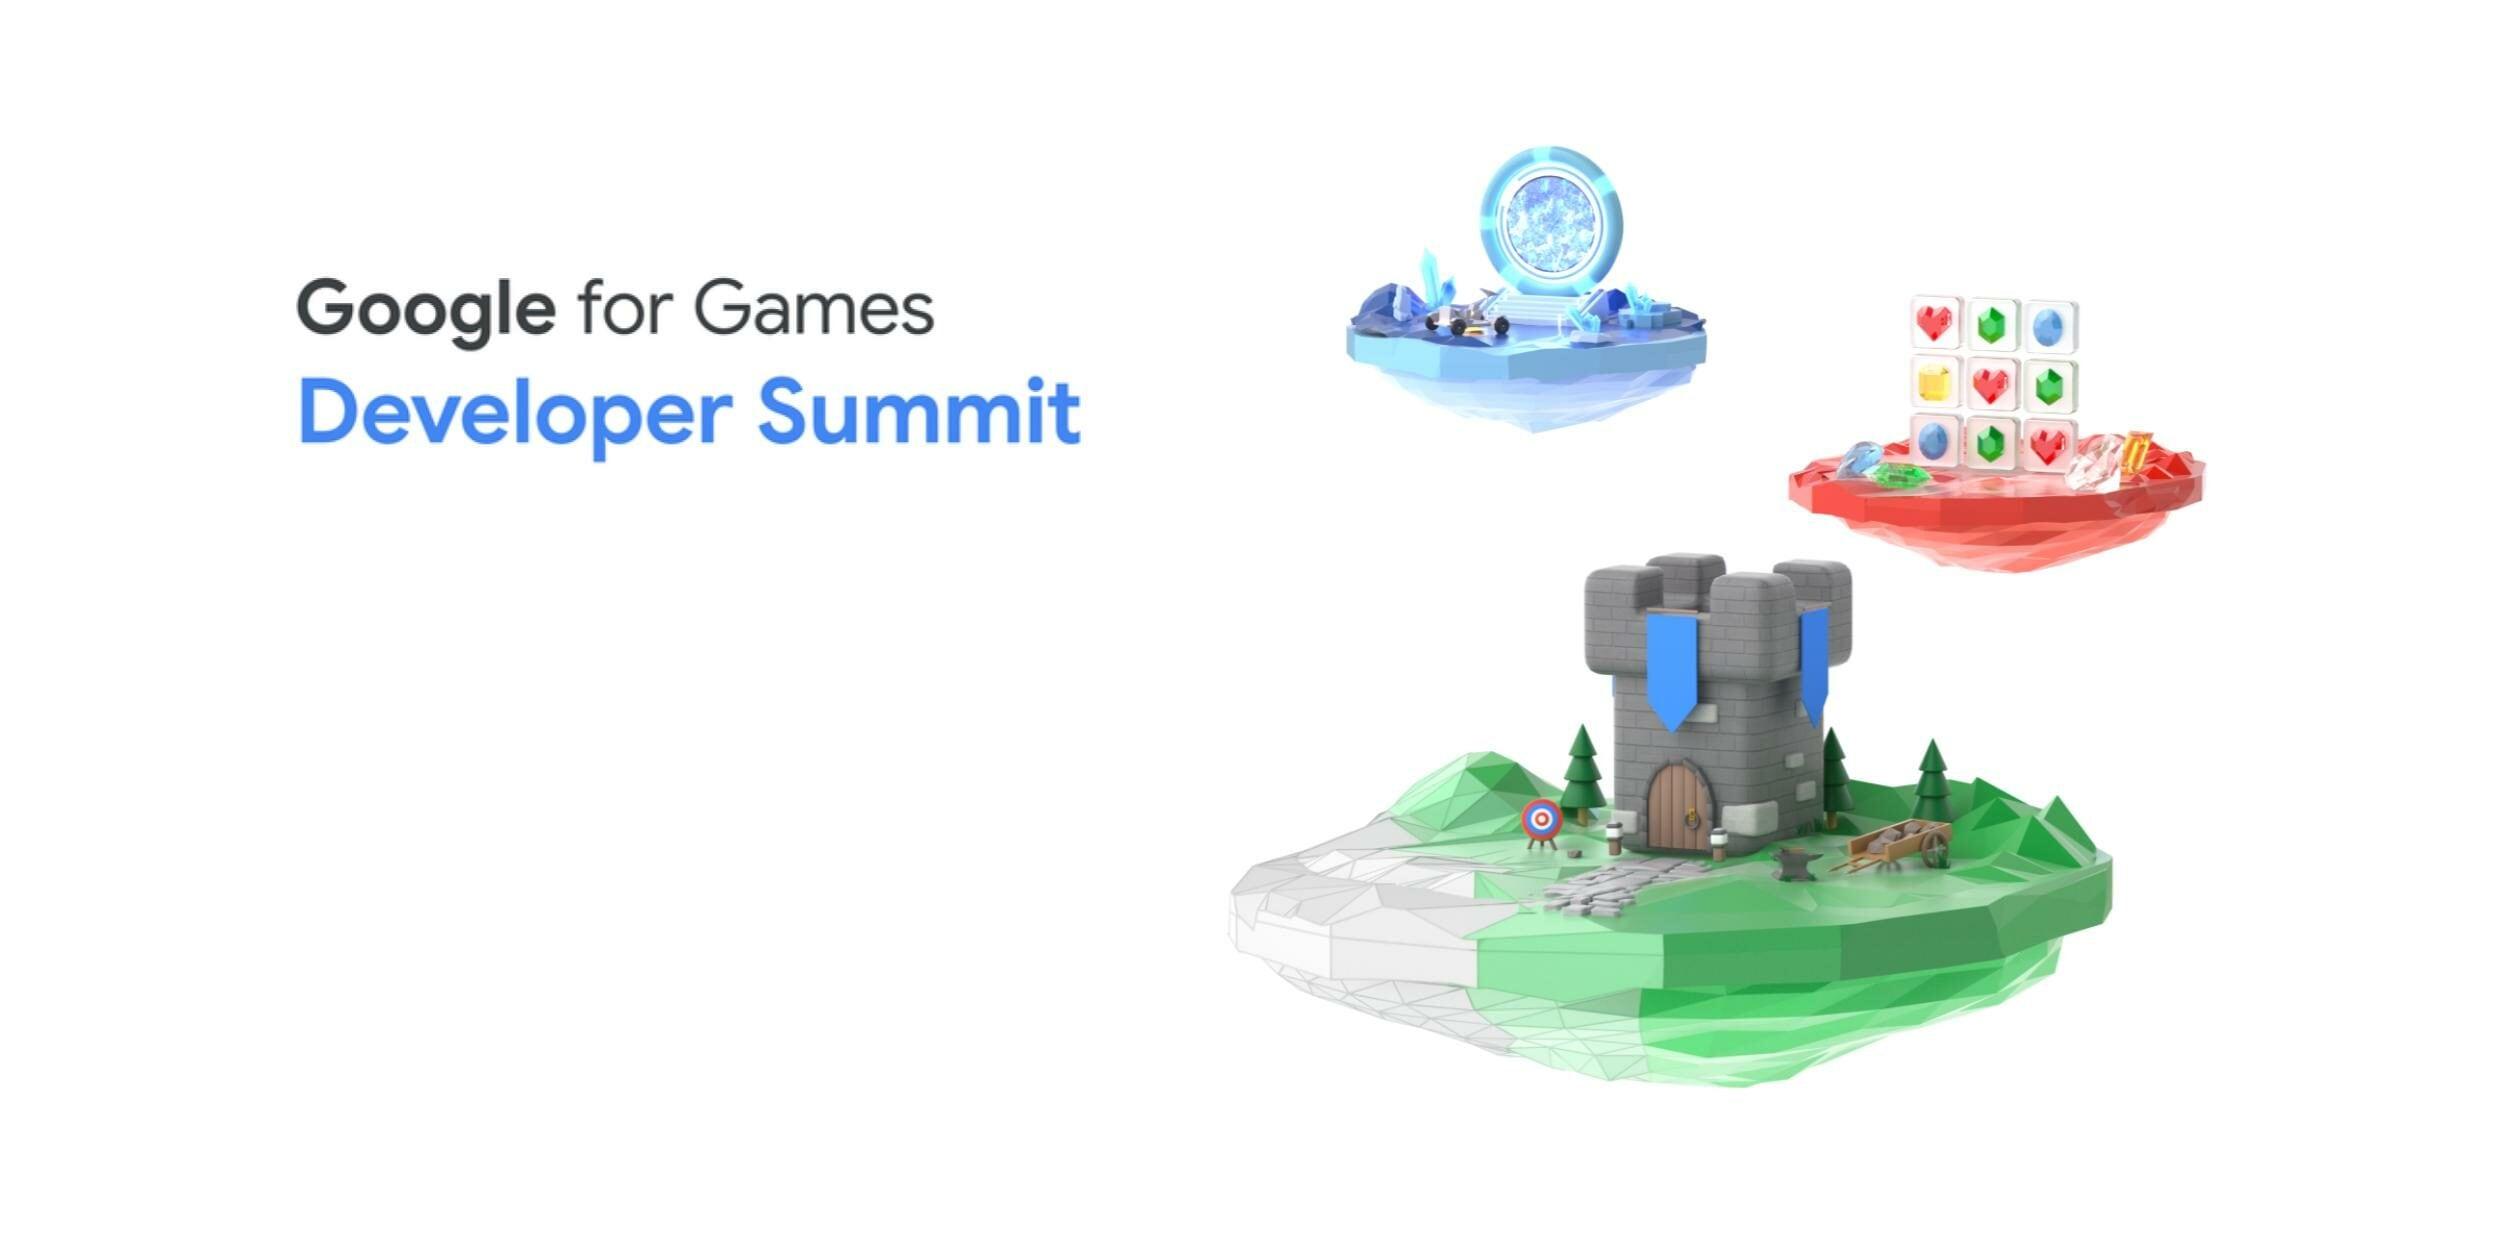 Conferenza Google dedicata agli sviluppatori di giochi: focus su Android 12 e Stadia